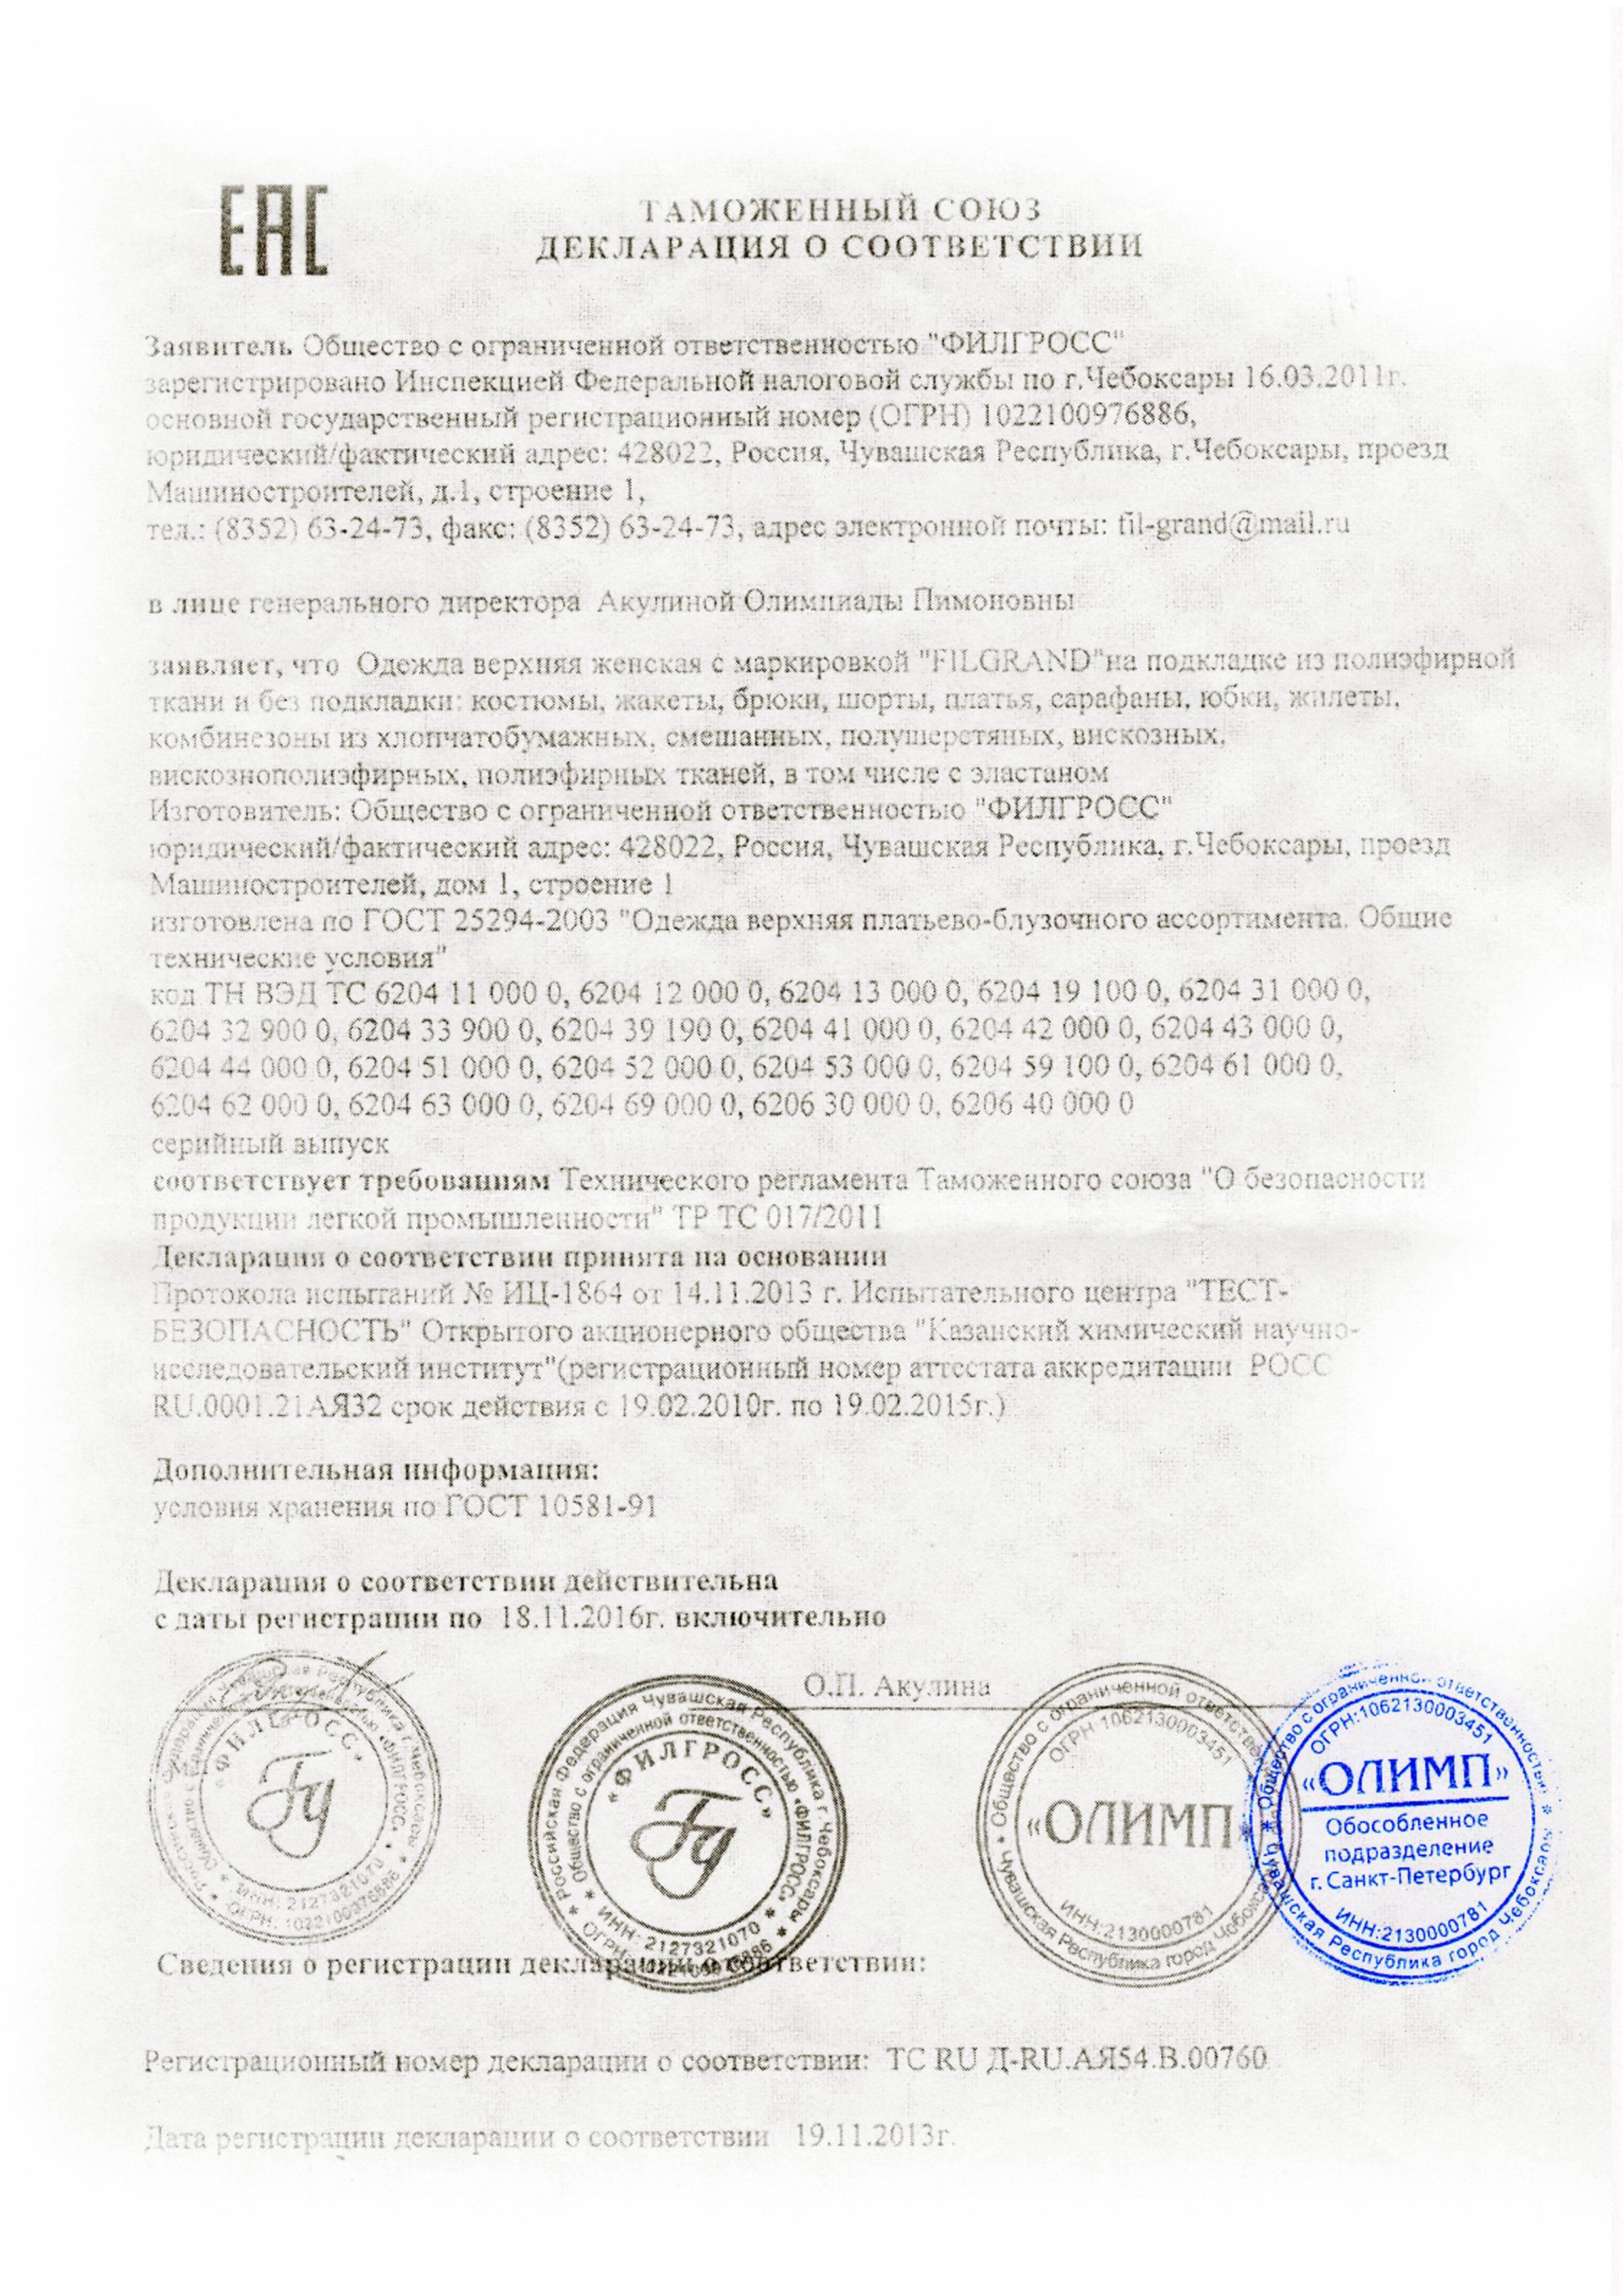 sertifikat-filgrand